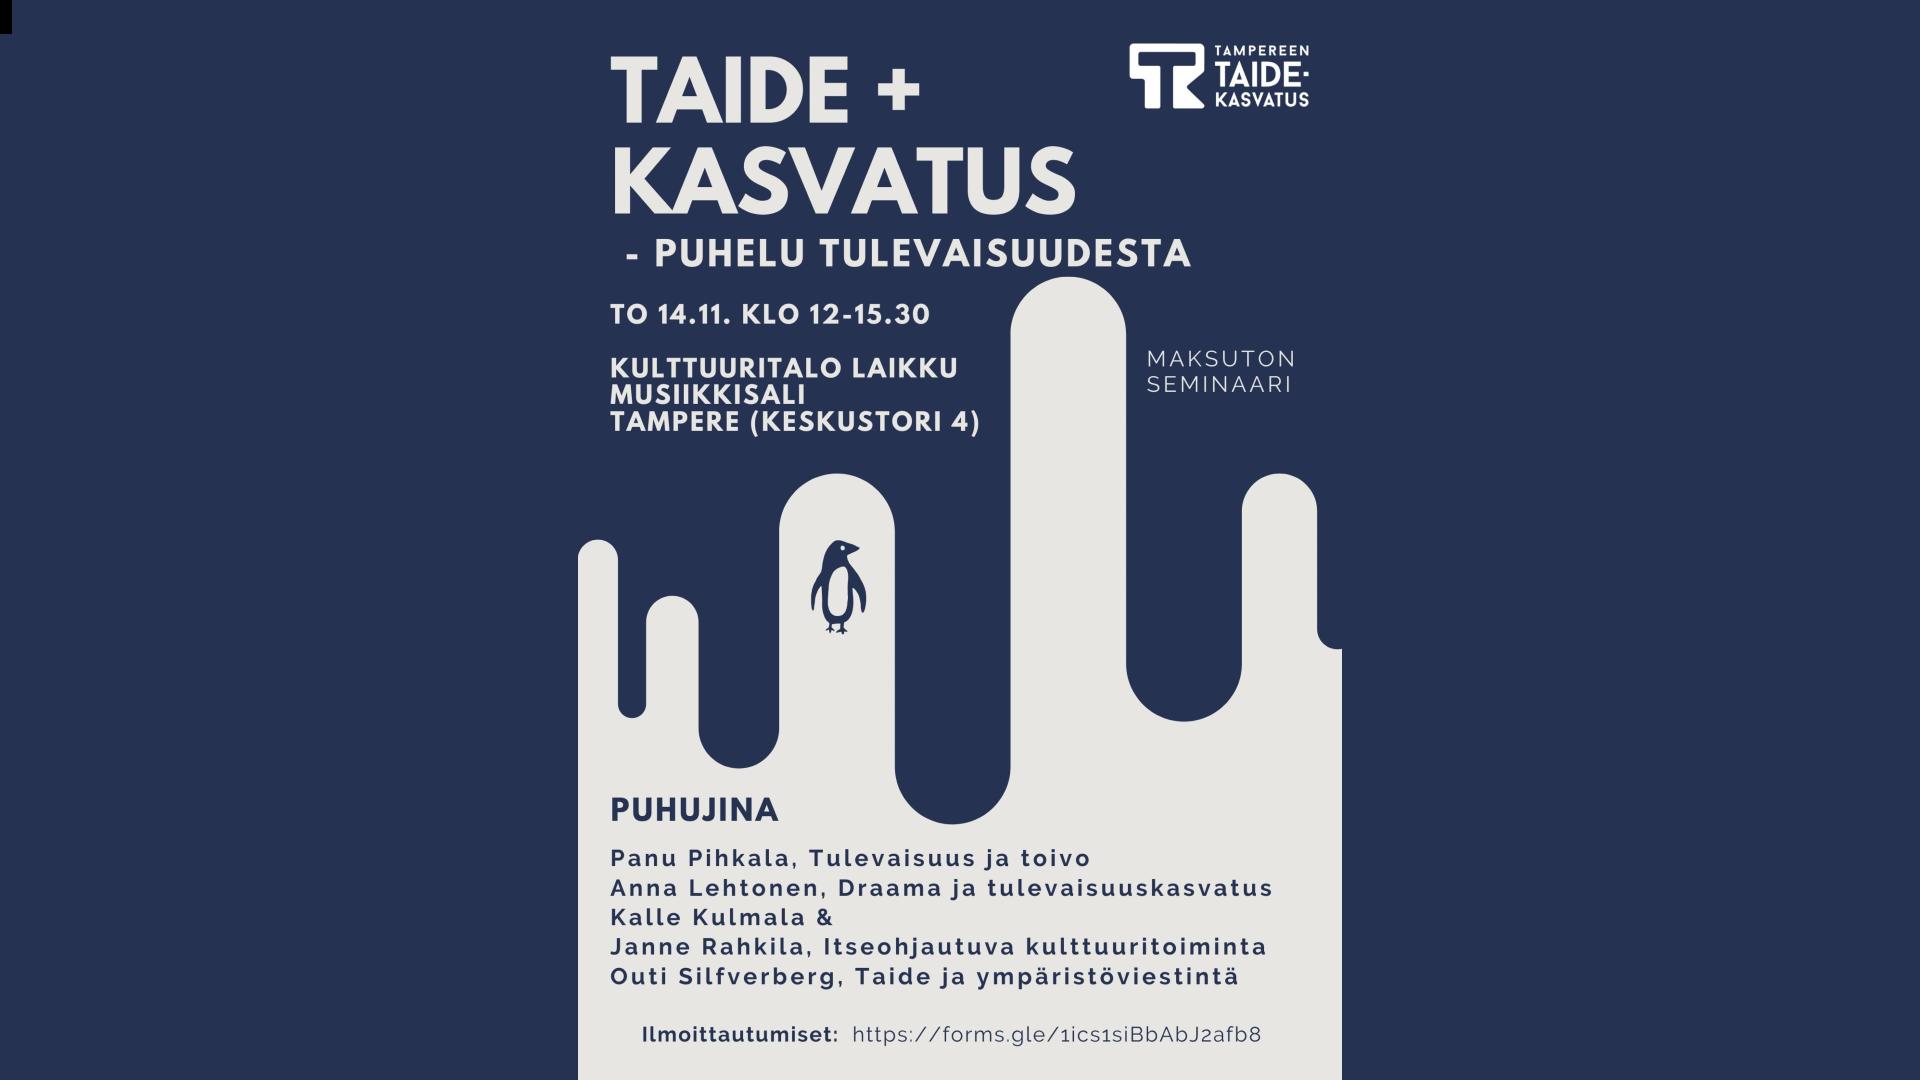 Taide + kasvatus - puhelu tulevaisuudesta -seminaari